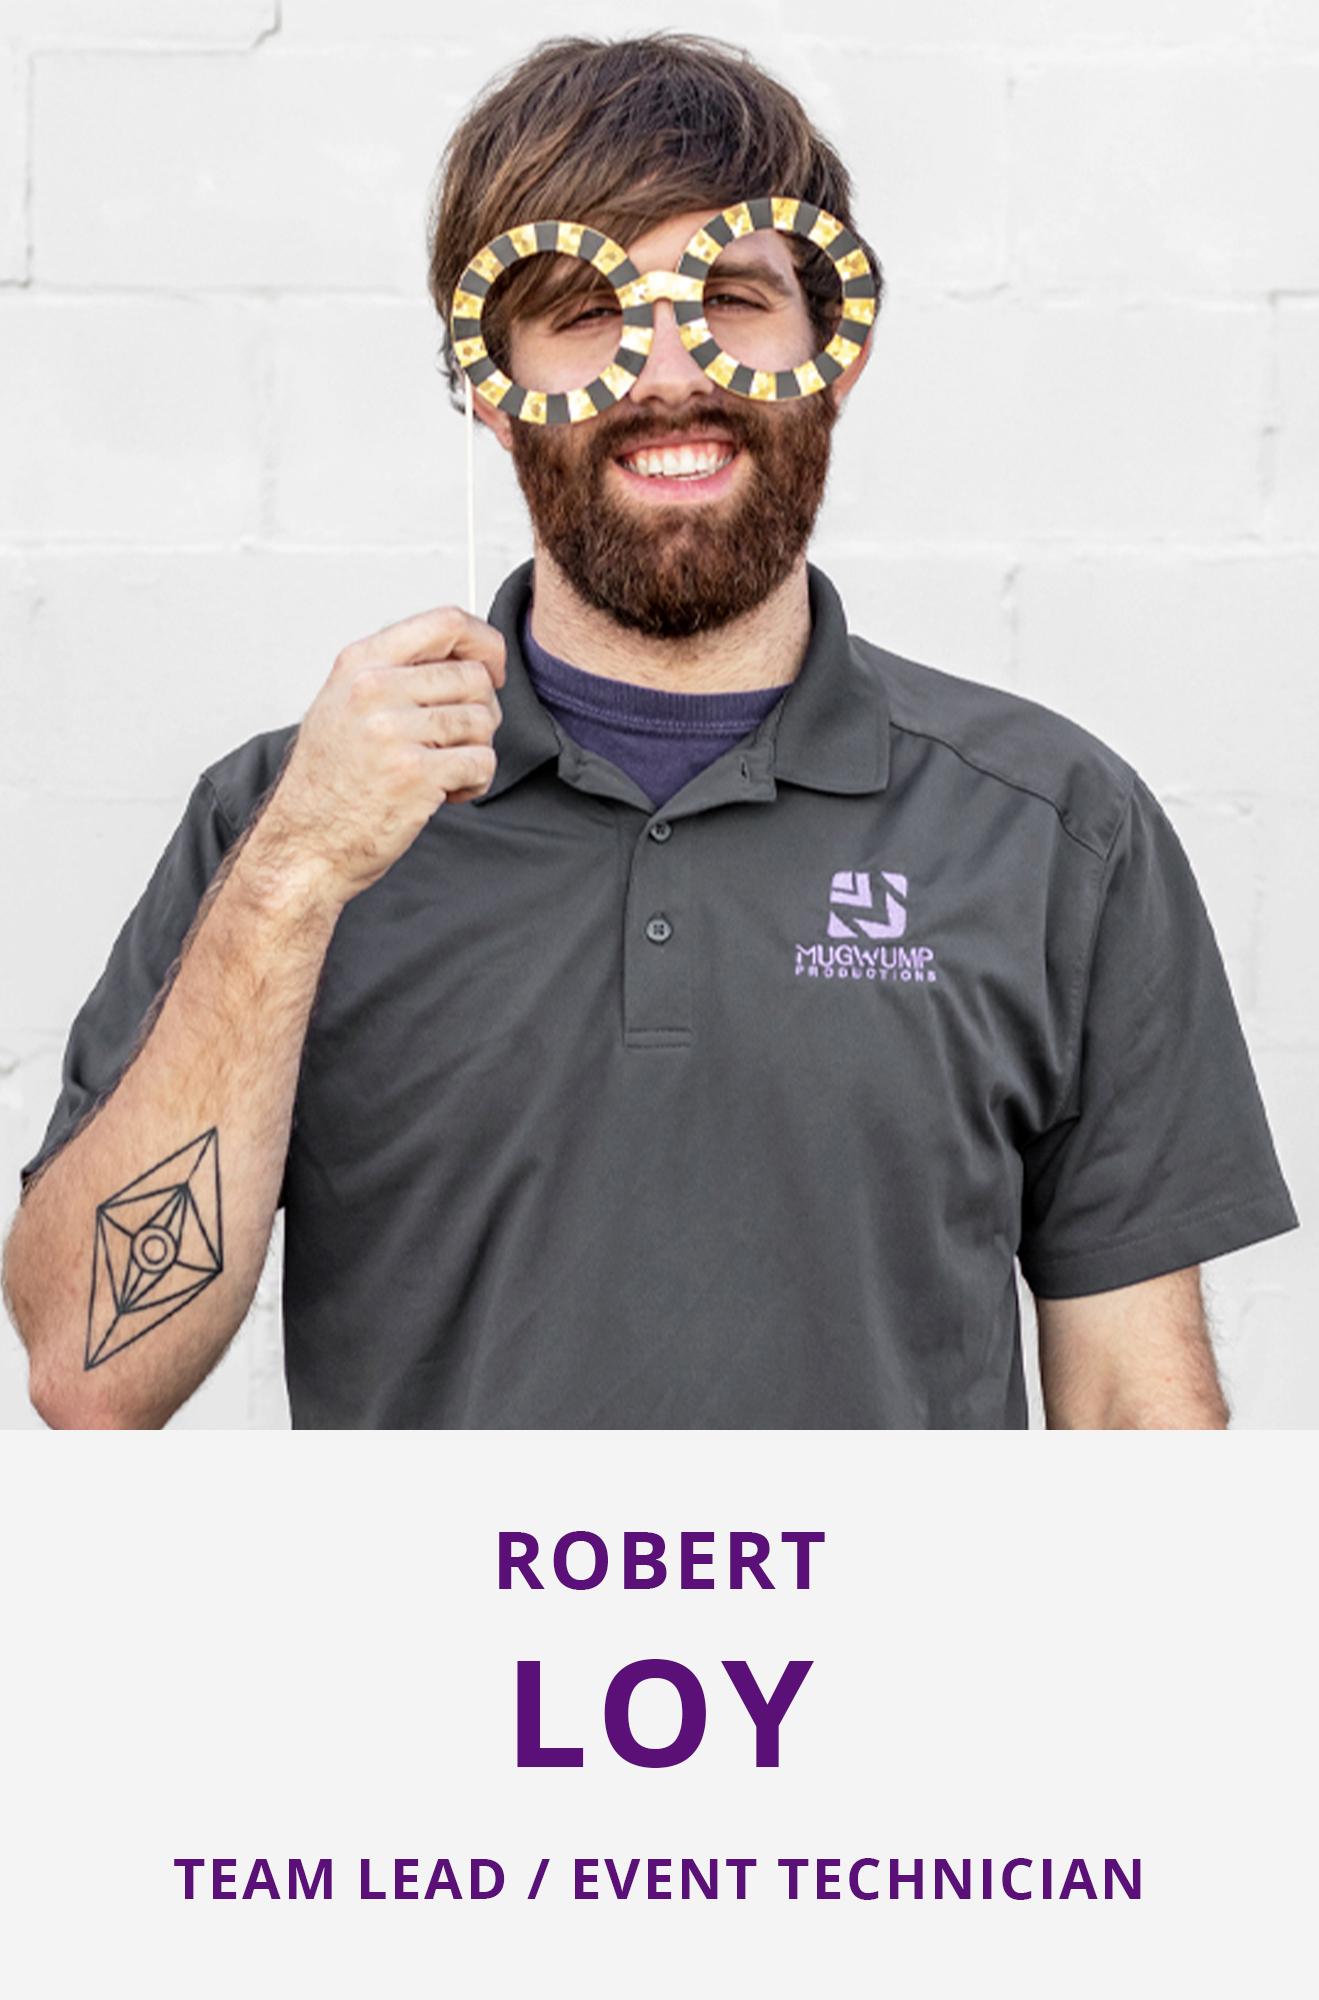 Robert Loy